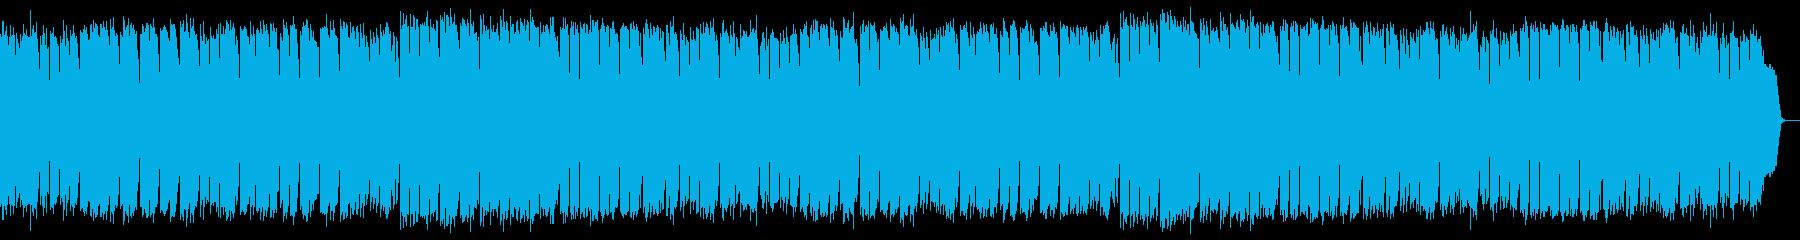 ほんわかしたお昼寝時に合うSAXのワルツの再生済みの波形